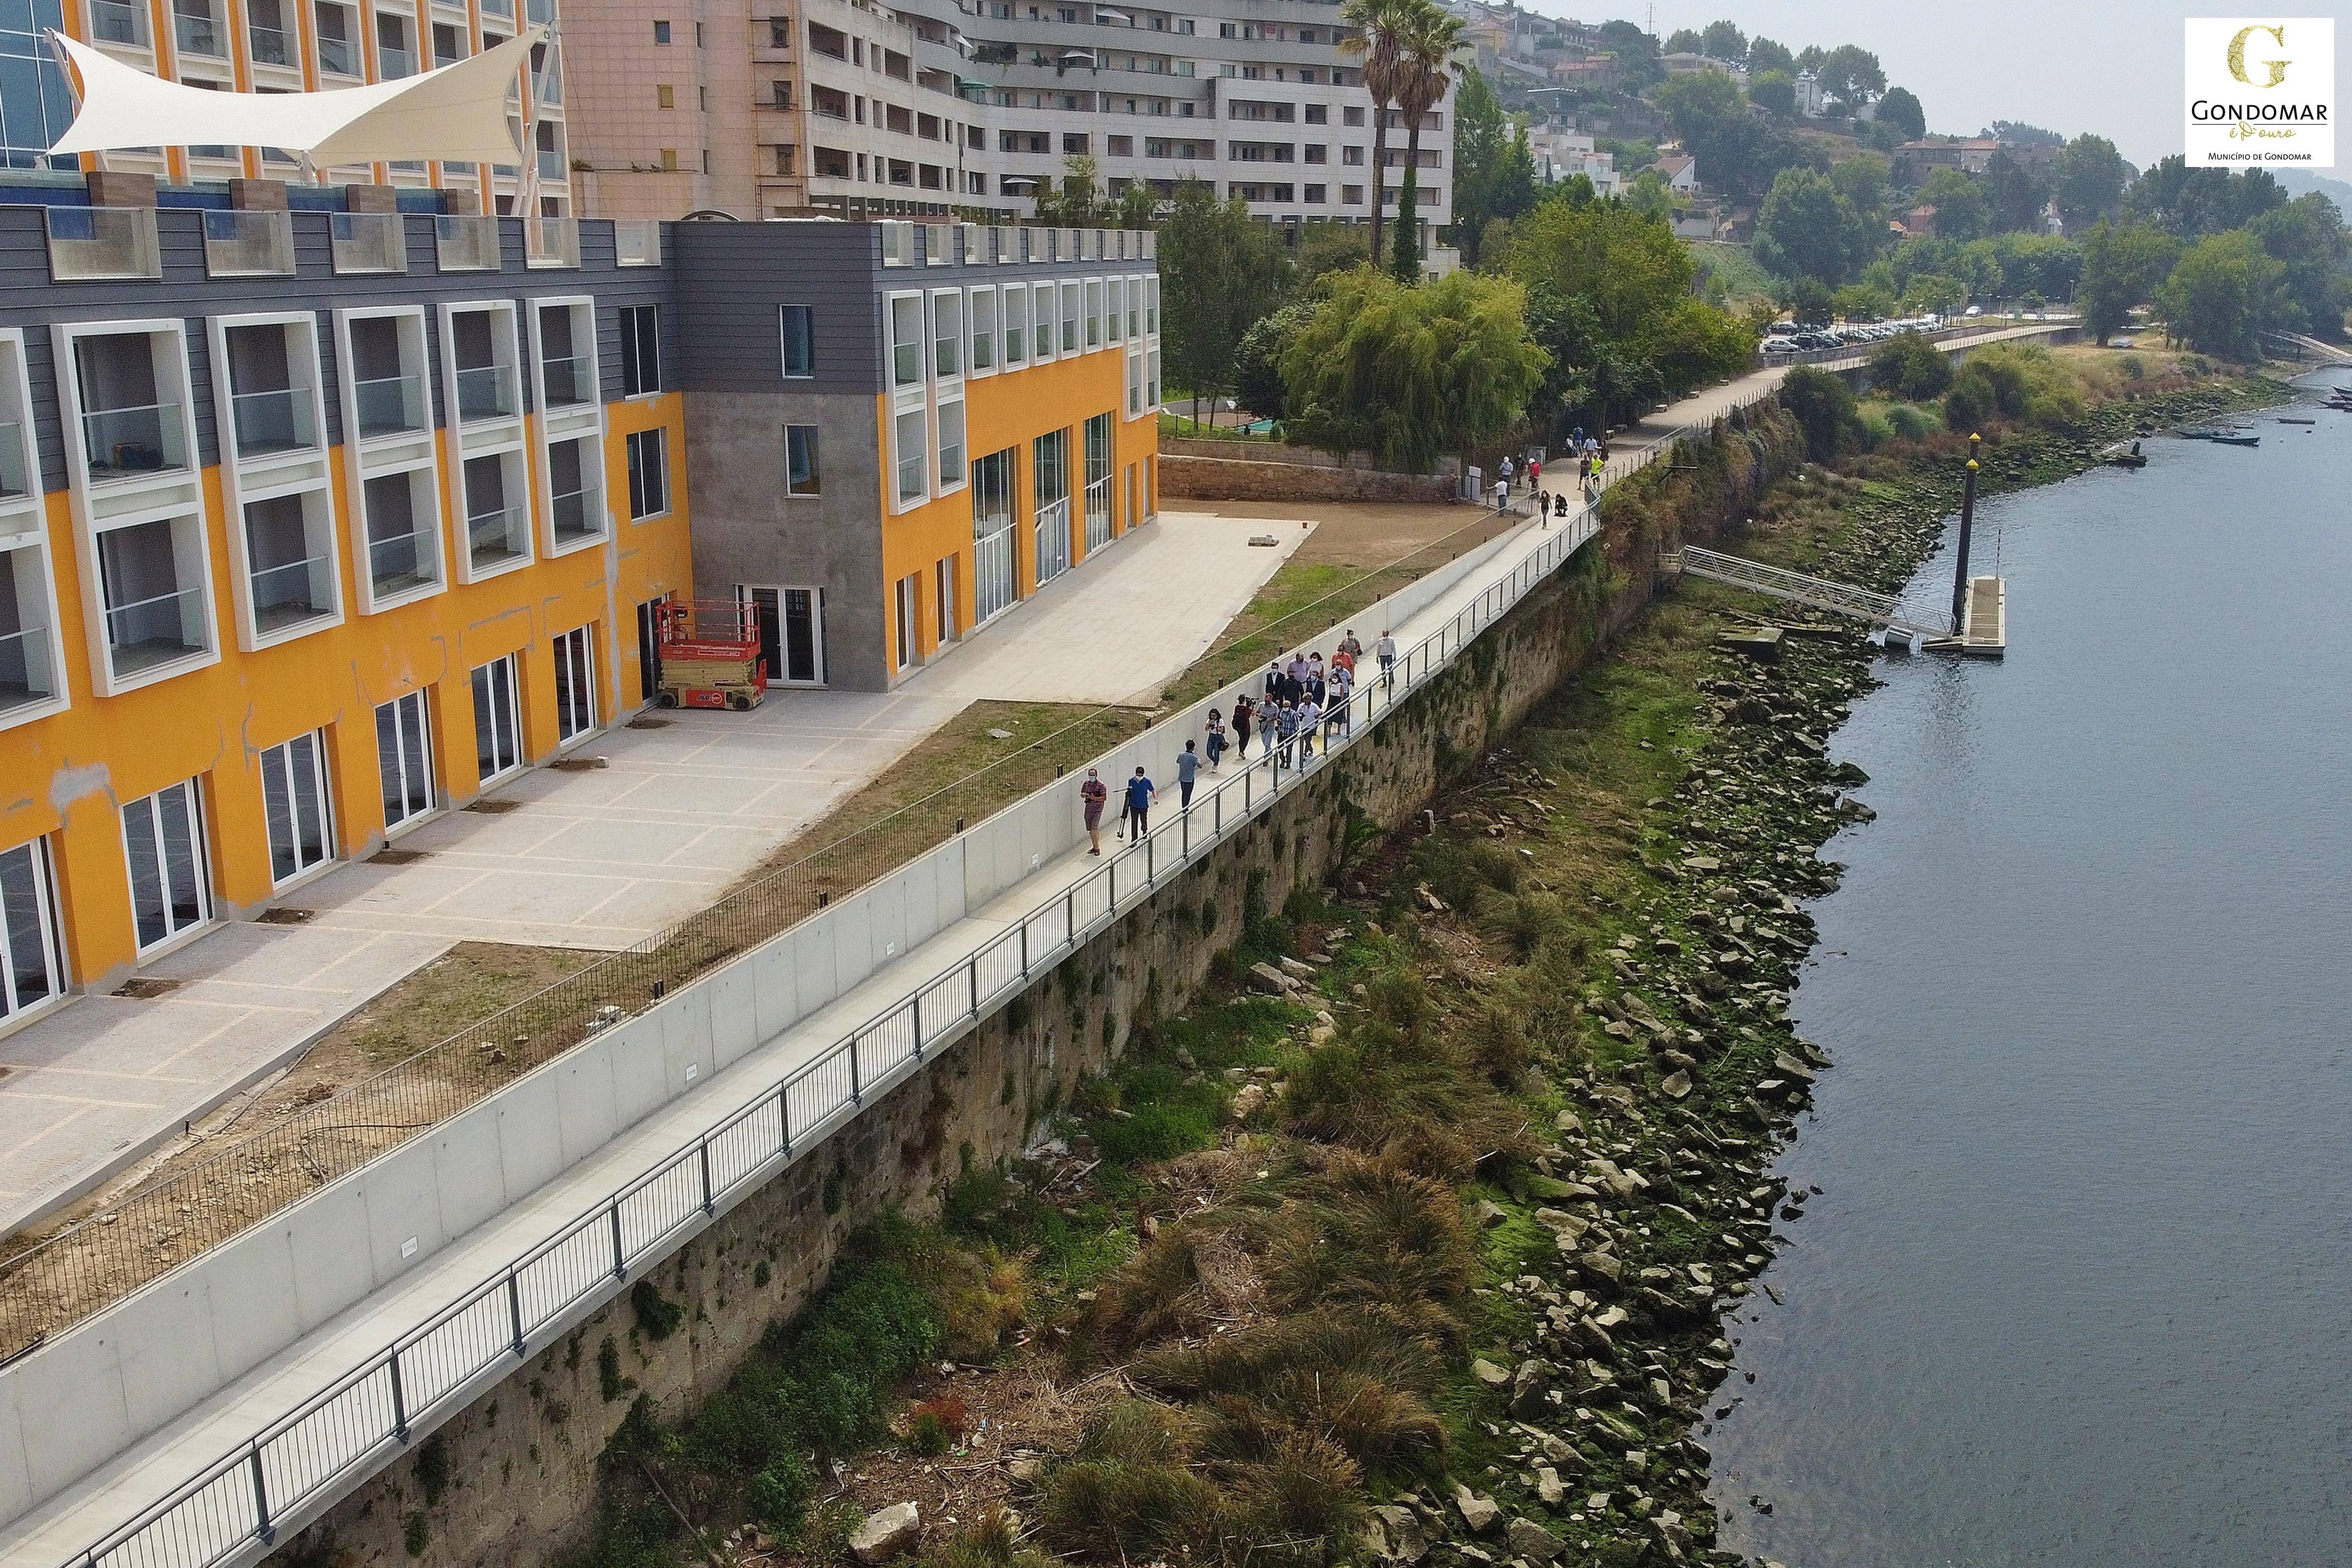 Inaugurado o novo troço pedonal que liga Gondomar ao Porto